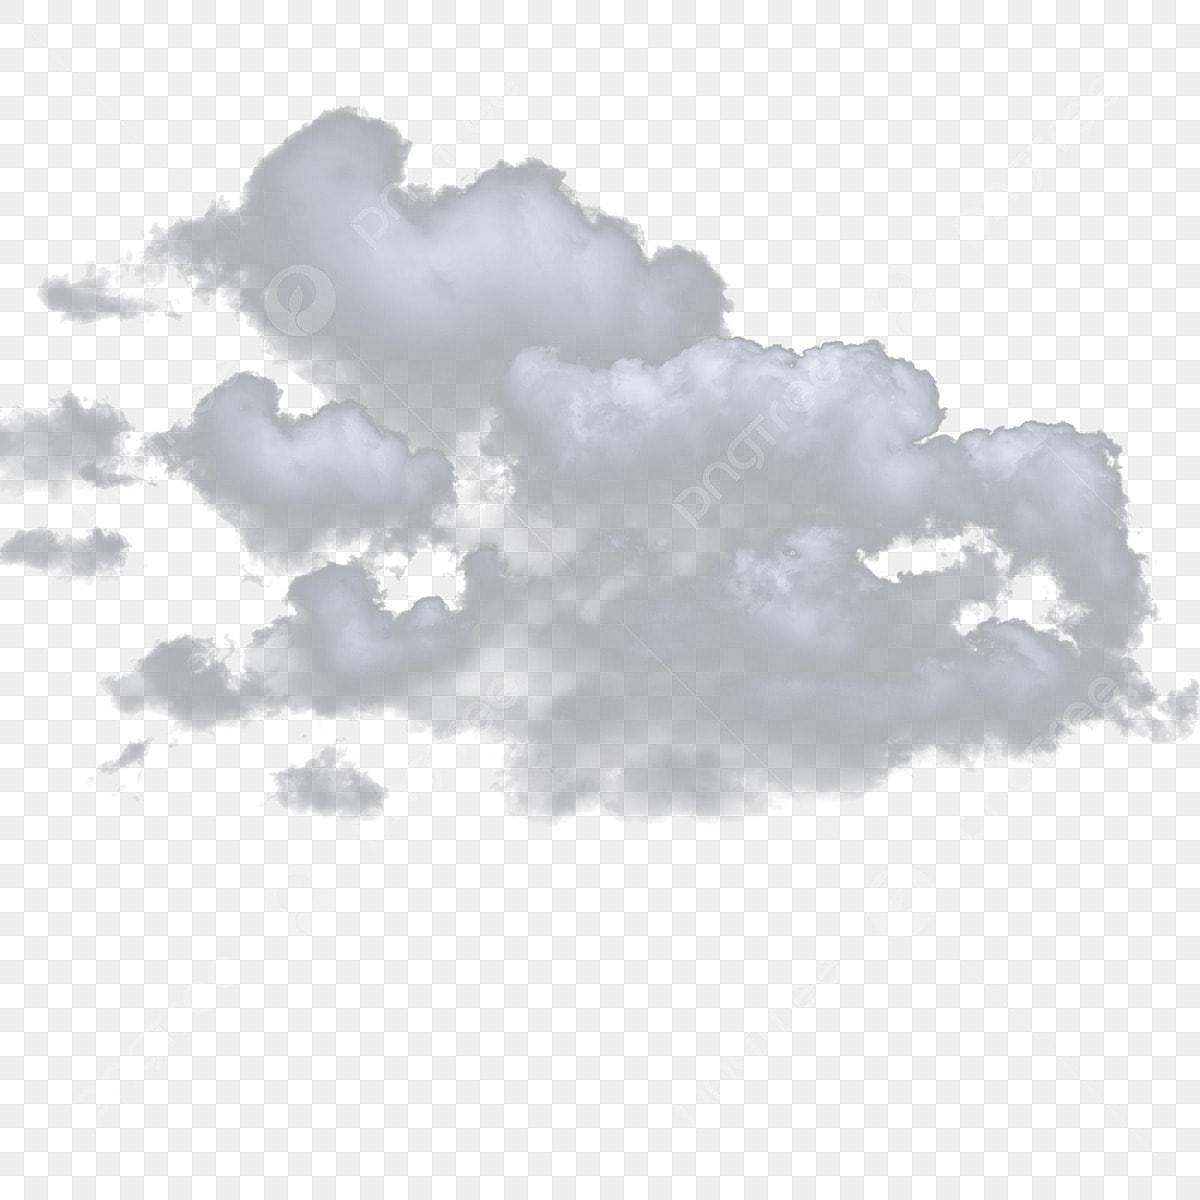 غيوم ممطرة صغيرة خلفية شفافة بابوا نيو غينيا سحابة بيضاء غيم